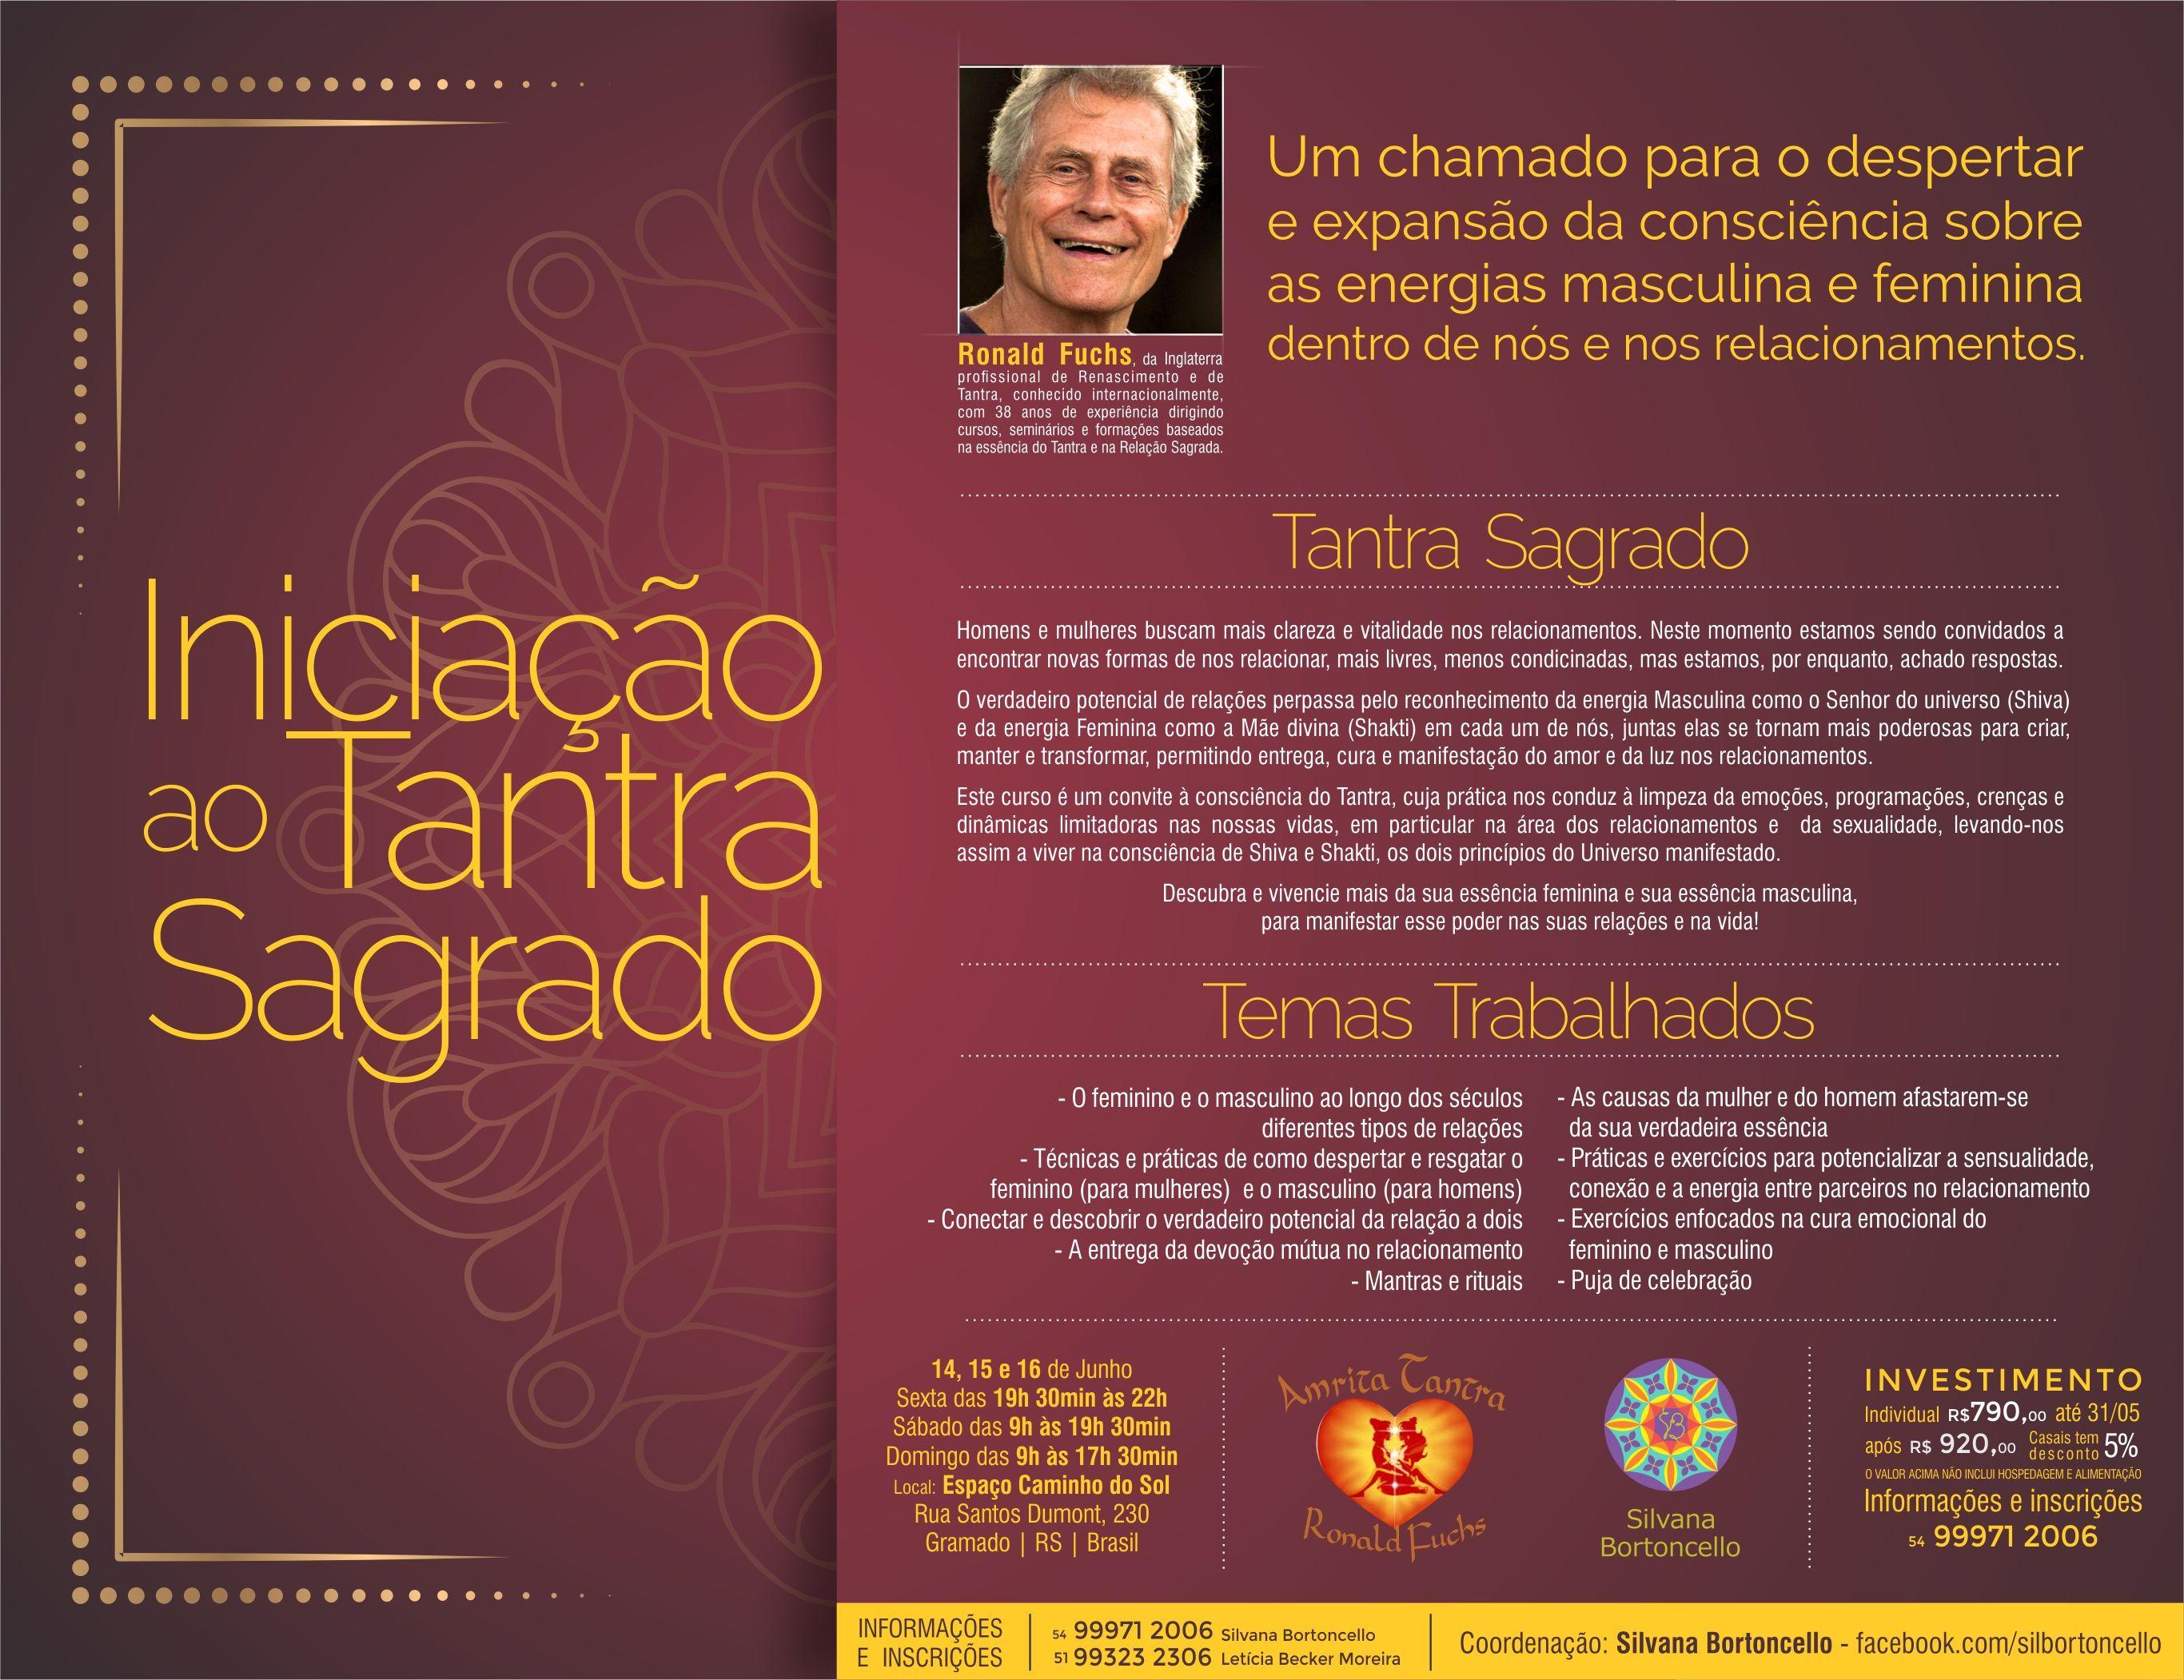 Iniciação ao Tantra 14, 15 e 16 de Junho Gramado RS (Brasil)